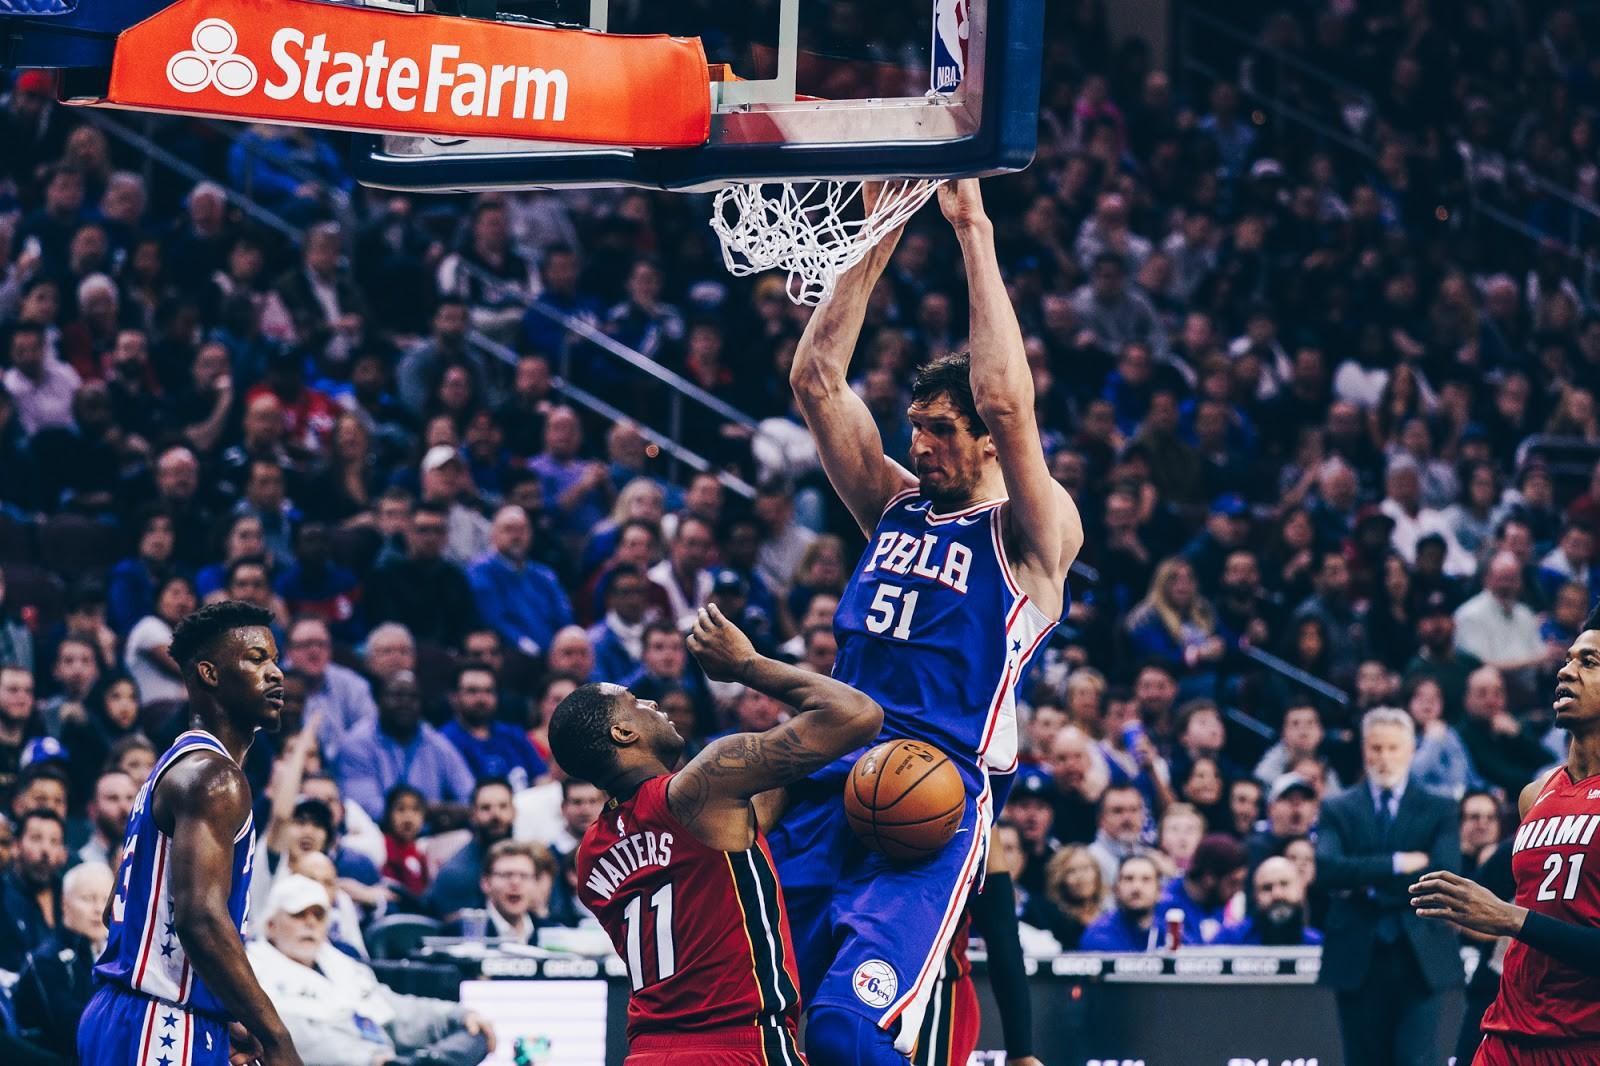 Sao NBA nhập vai Sát thủ khổng lồ, xuất hiện ấn tượng tại buổi ra mắt Jonh Wick 3 - Ảnh 3.